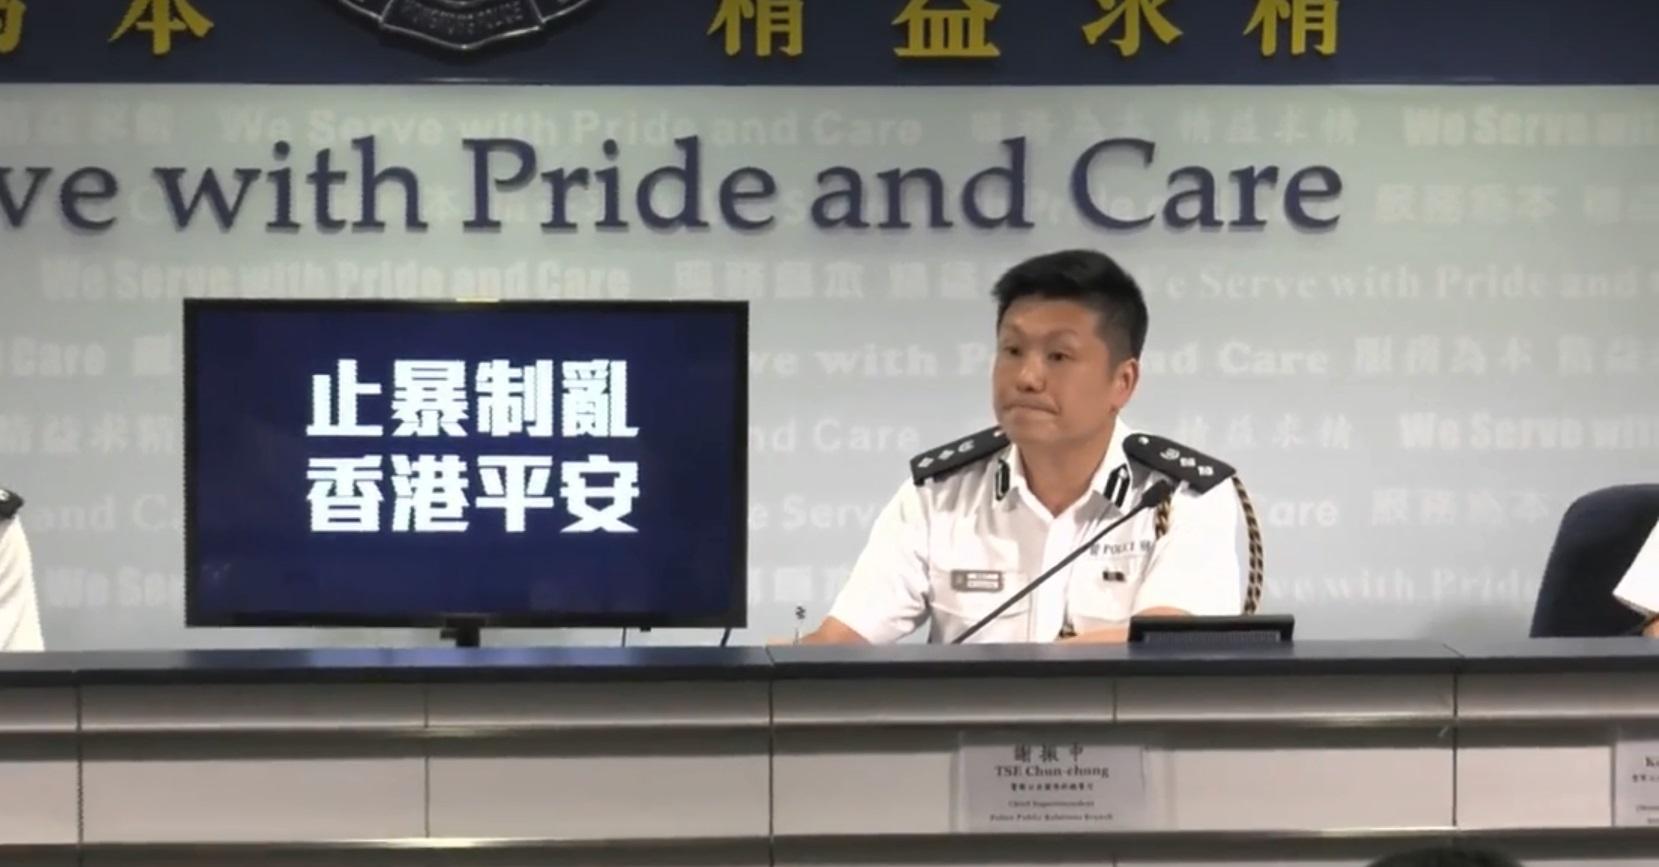 【大三罢】马鞍山男子遭火烧 警斥示威者为立场不顾人命